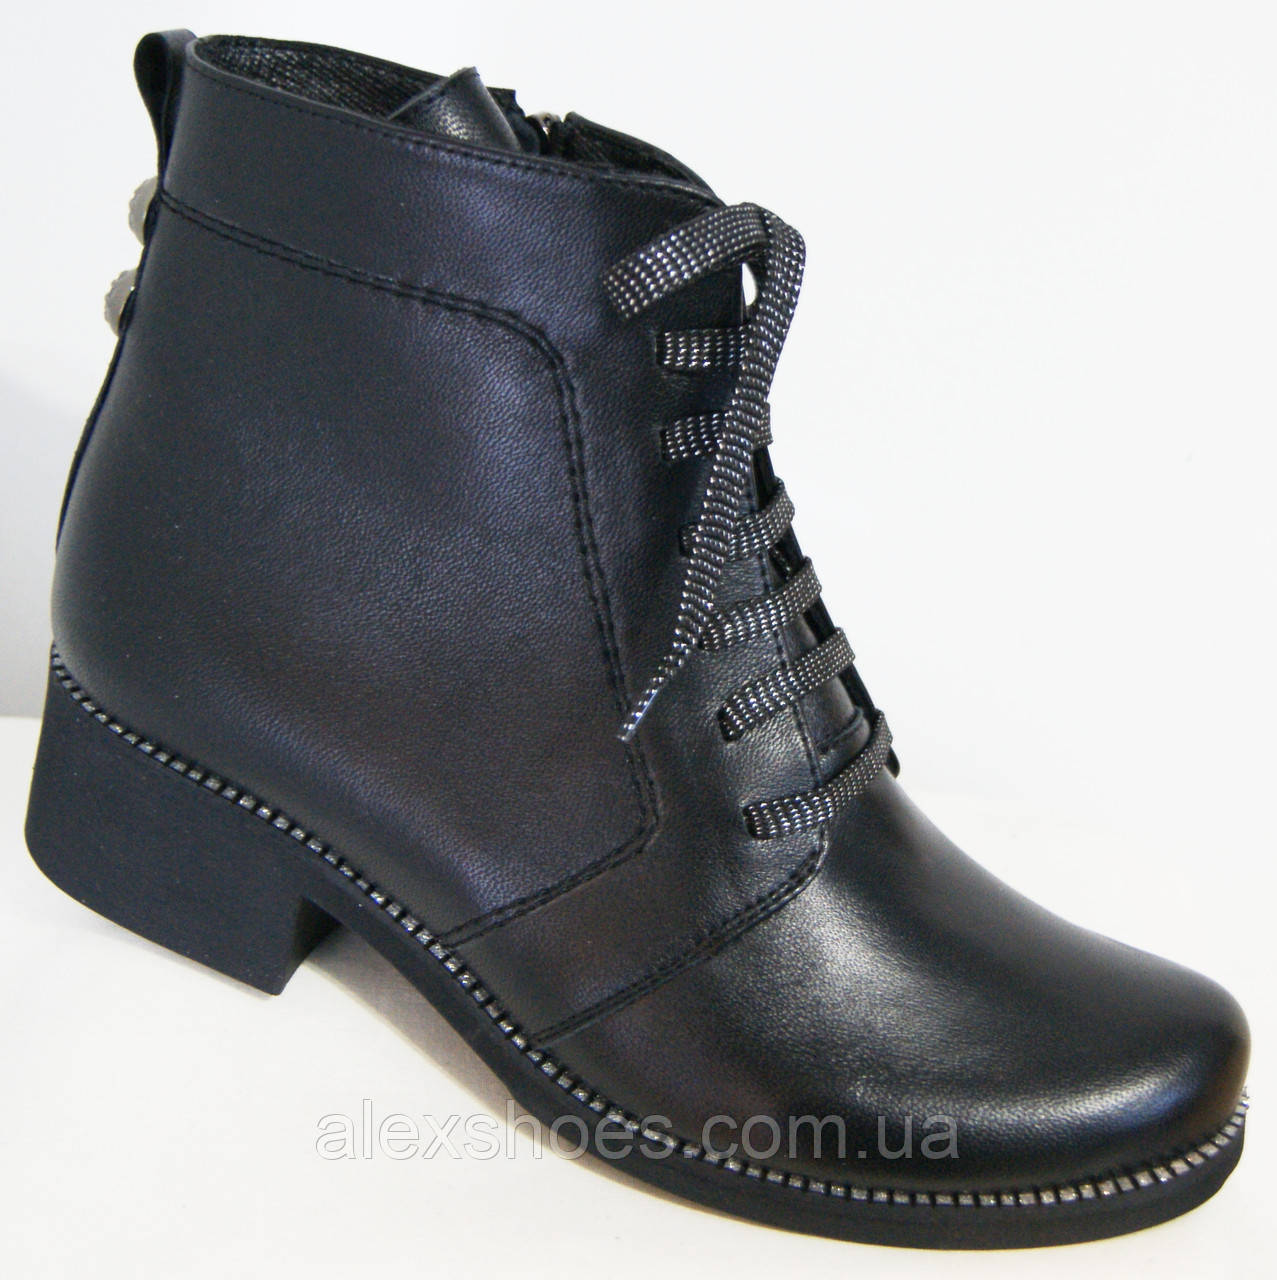 Ботинки демисезонные из натуральной кожи большого размера от производителя модель В5172-15К